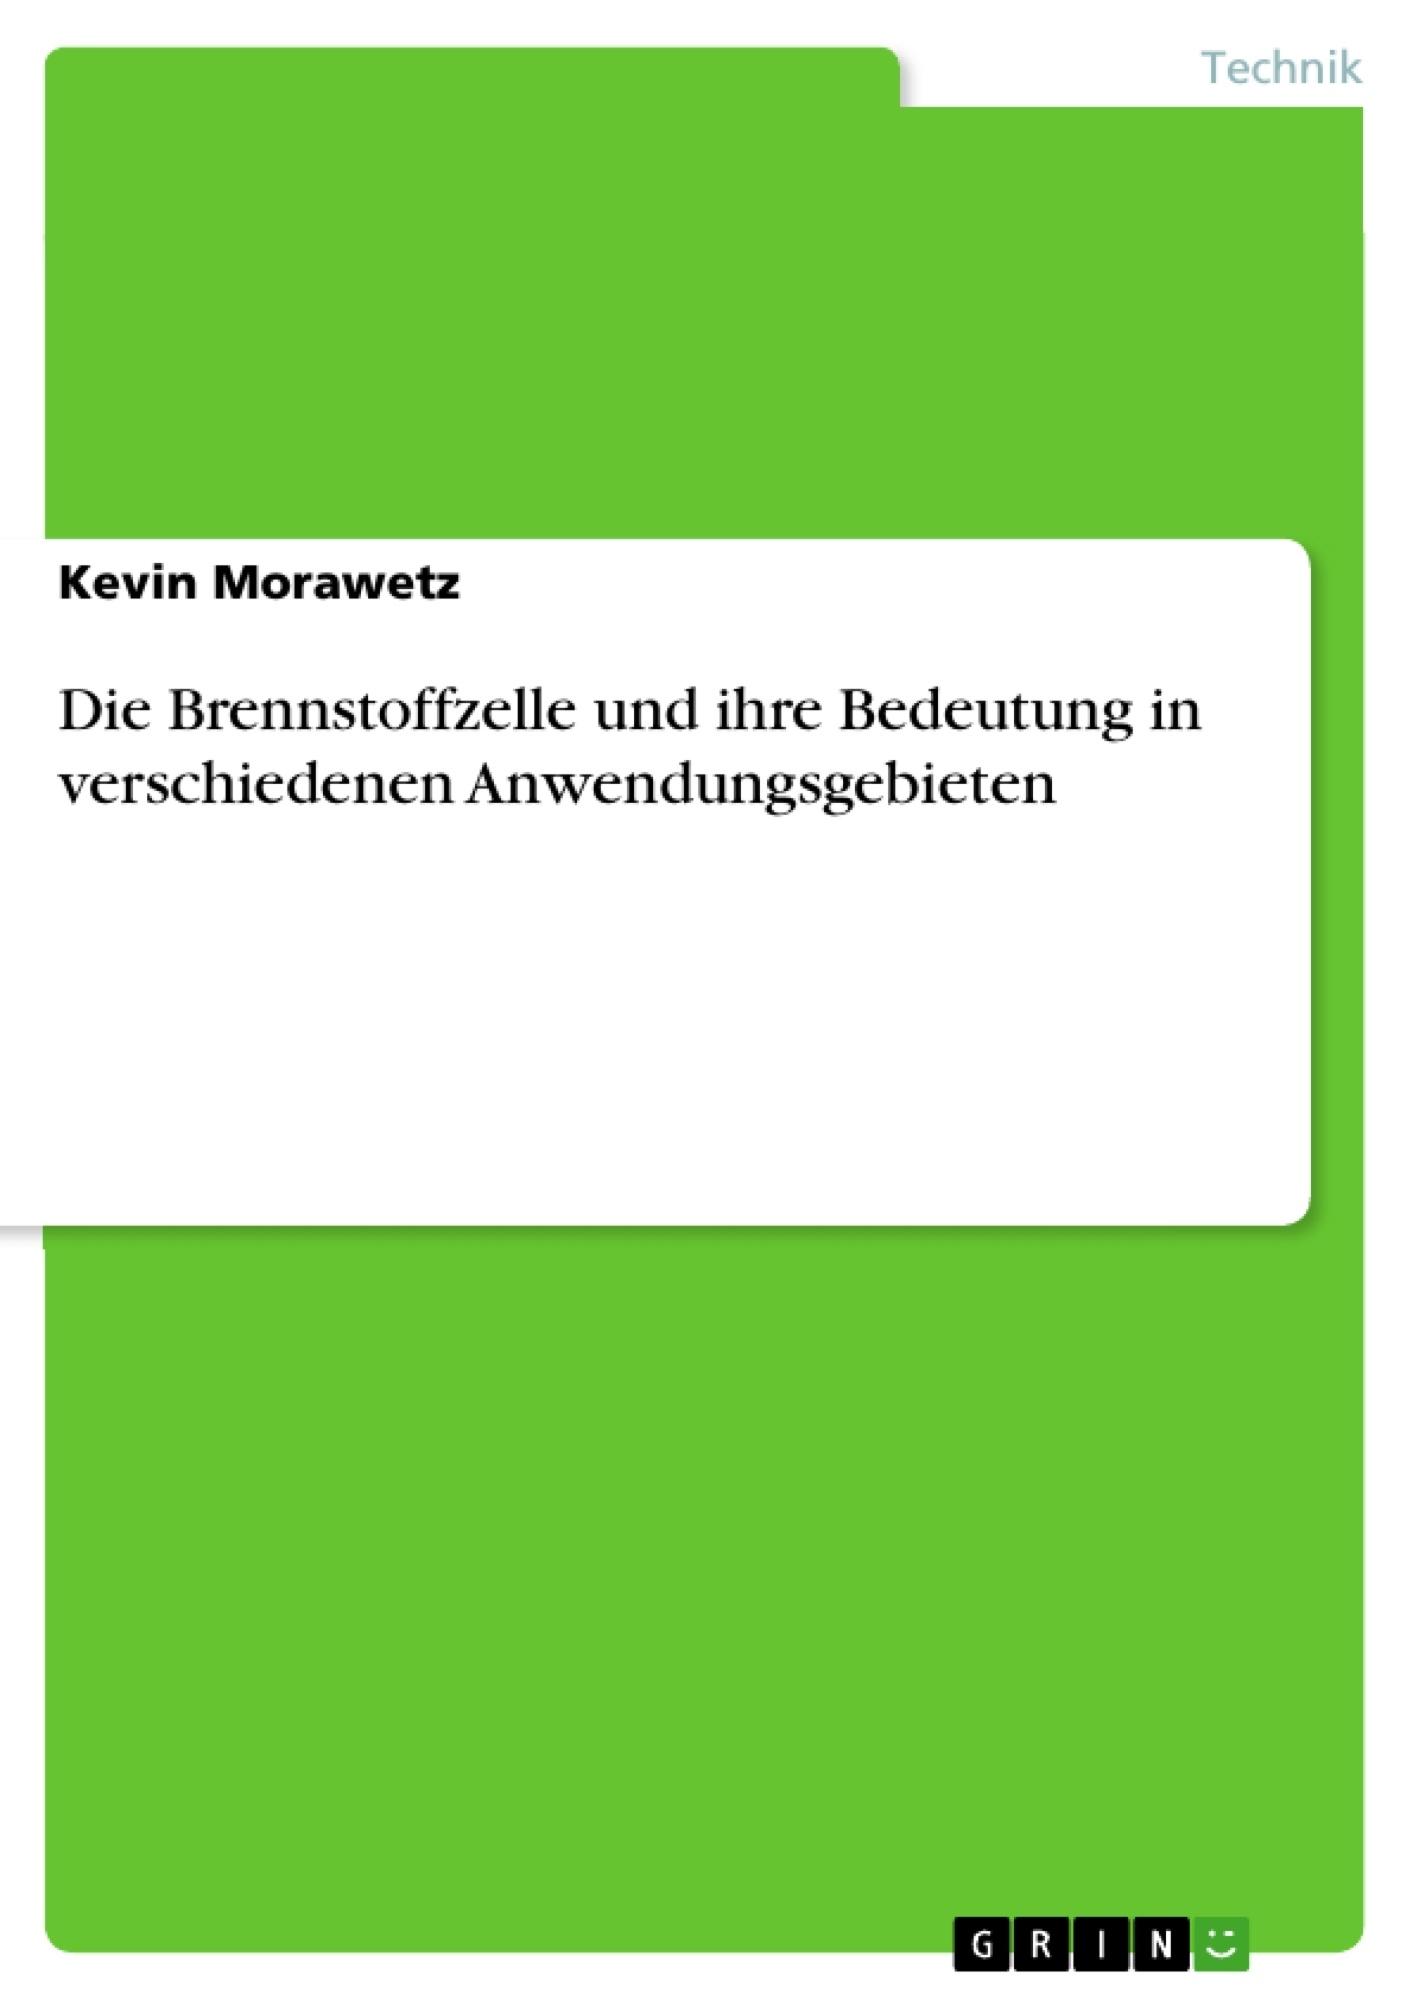 Titel: Die Brennstoffzelle und ihre Bedeutung in verschiedenen Anwendungsgebieten